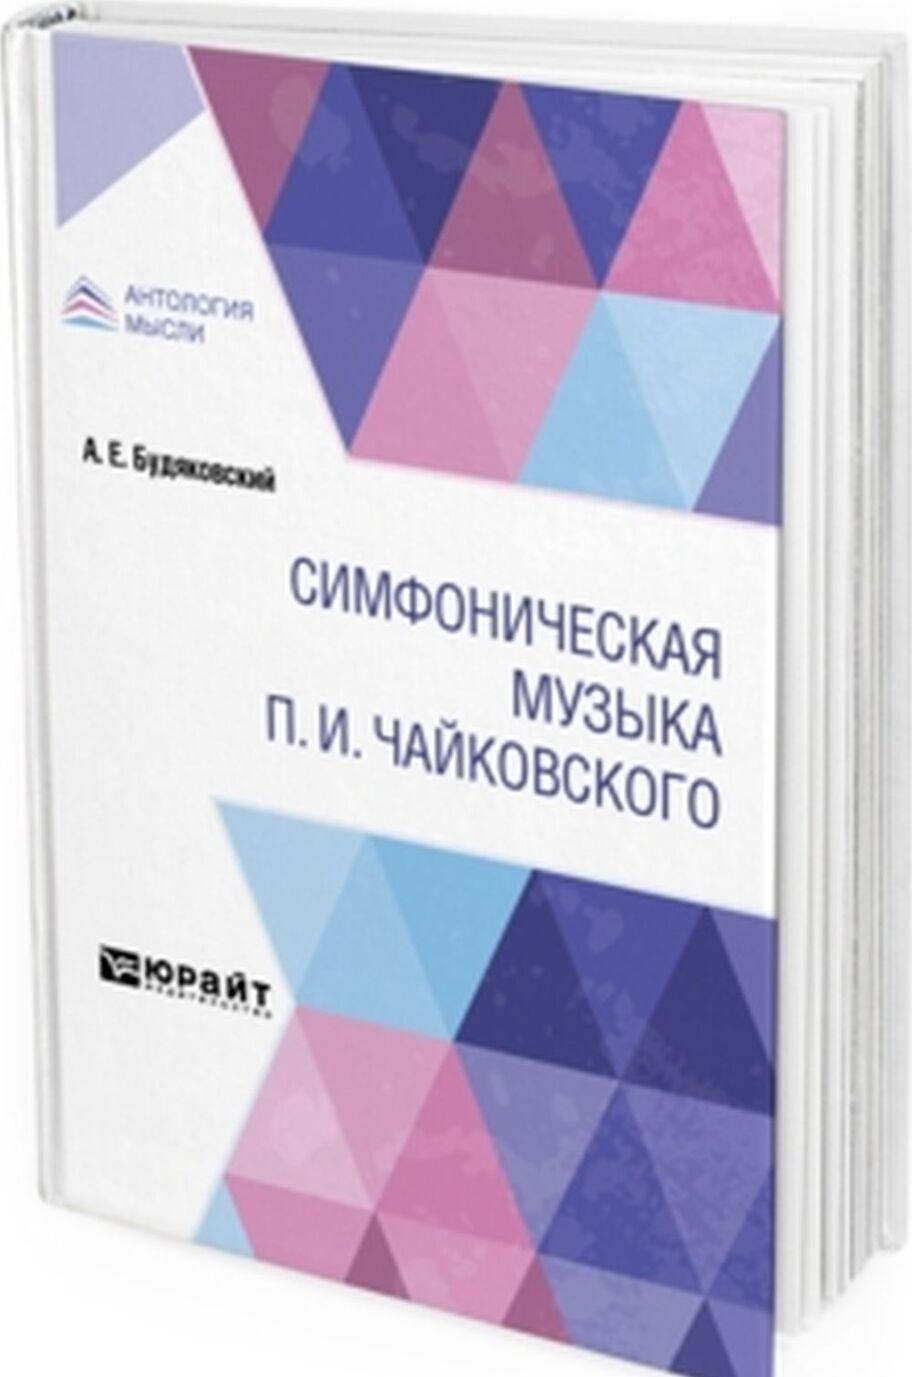 Simfonicheskaja muzyka p. I. Chajkovskogo